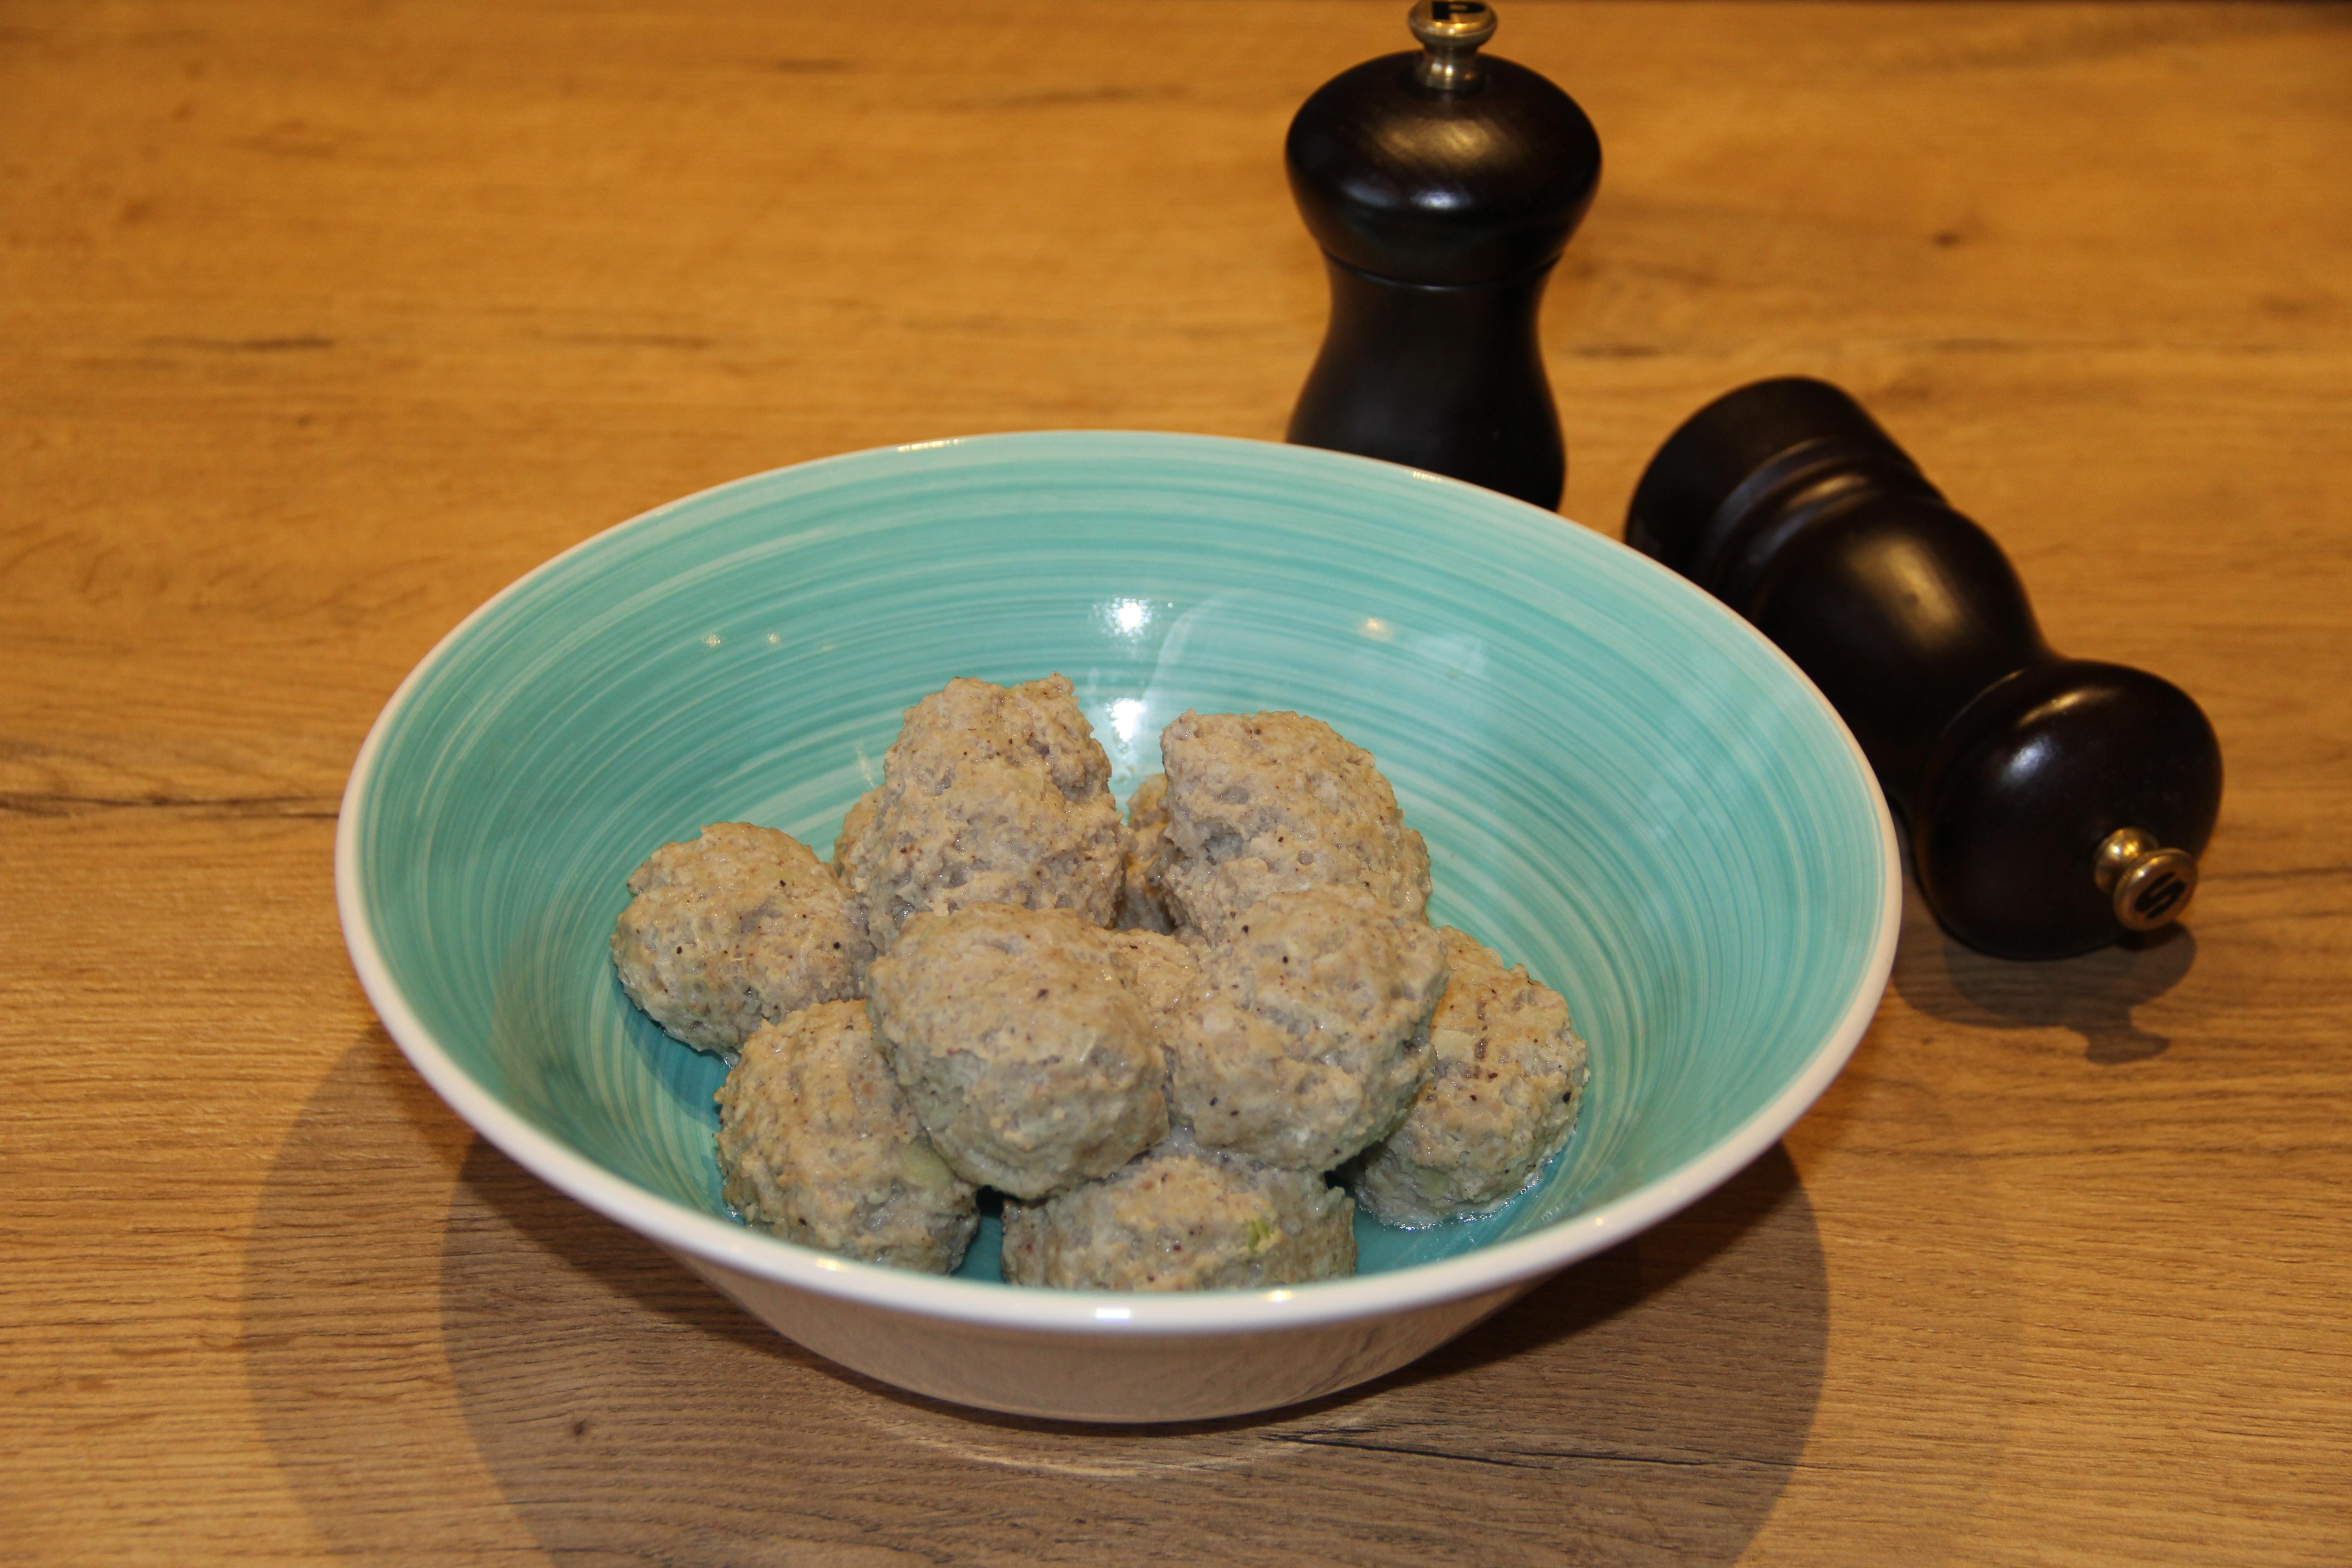 kødboller i en tallerken